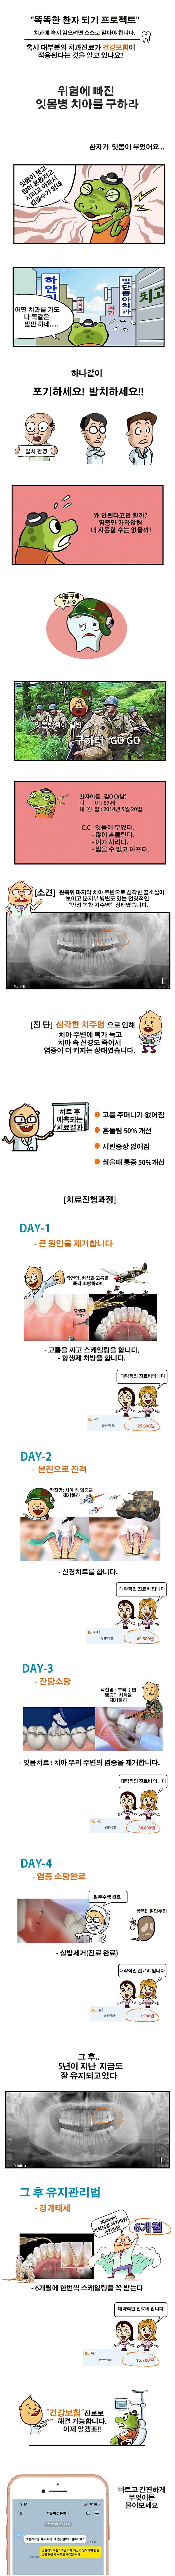 잇몸병 라이언일병.png